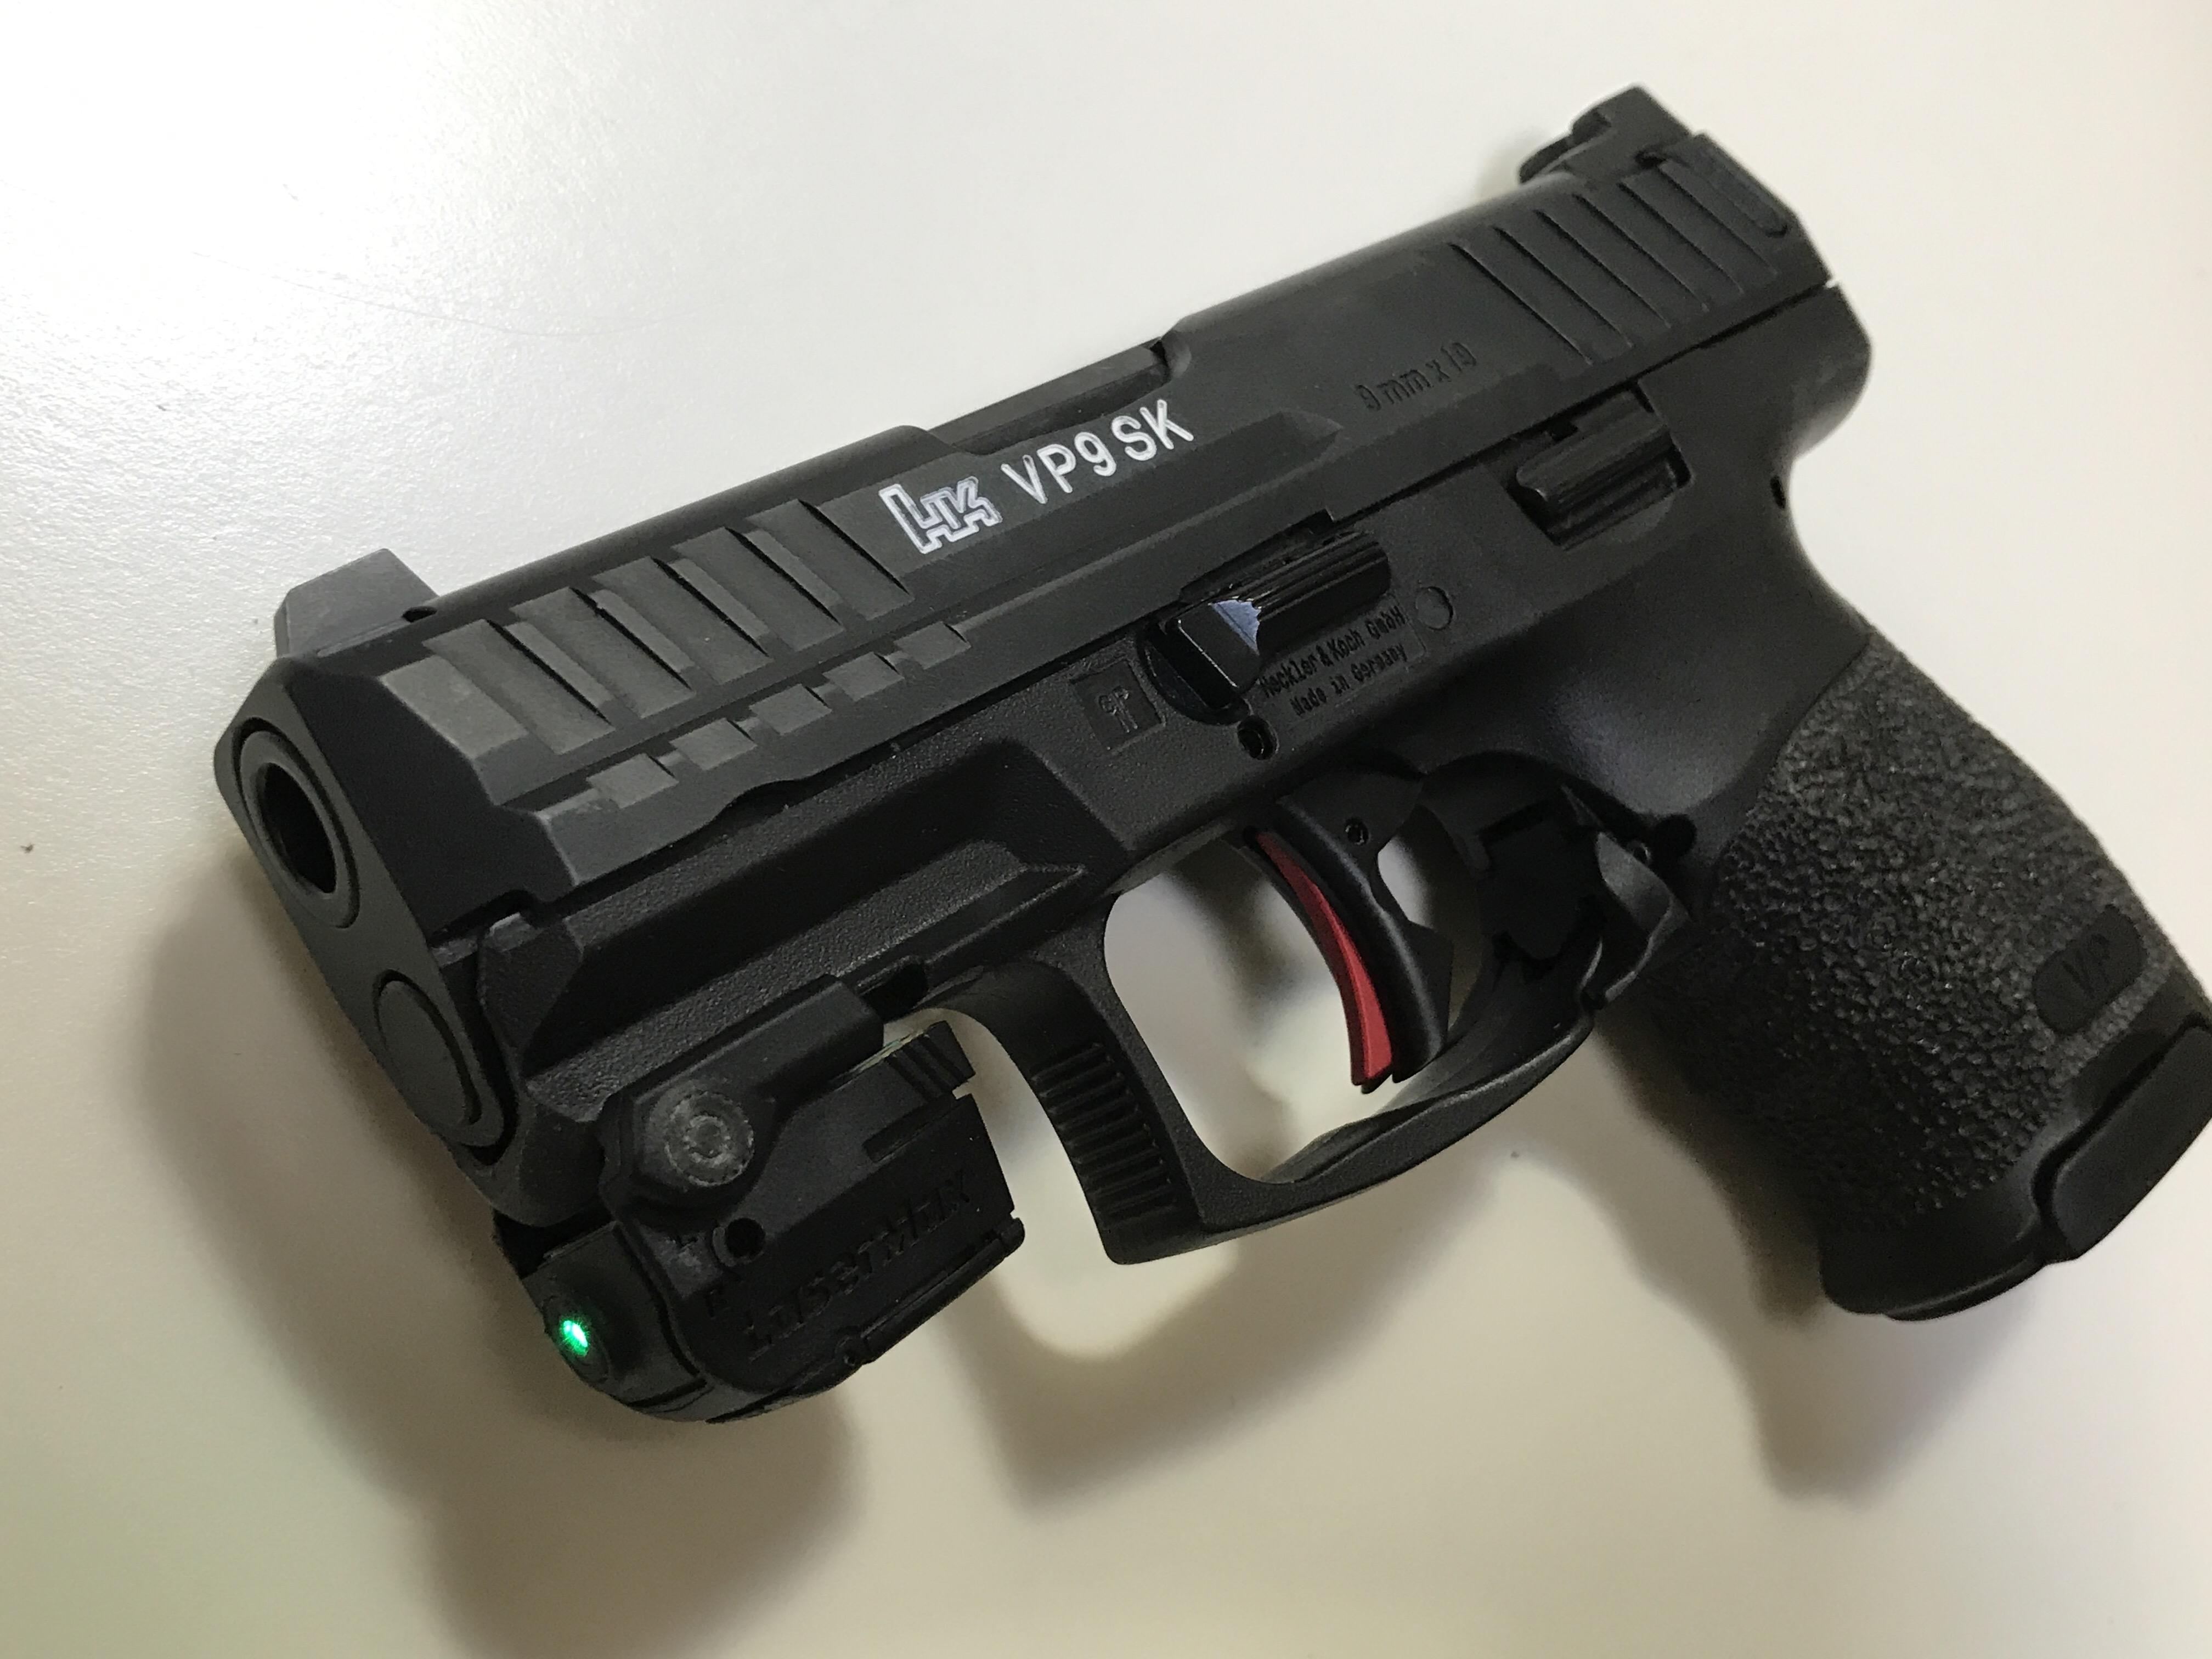 Laser for a VP9 SK-fullsizerender-32.jpg